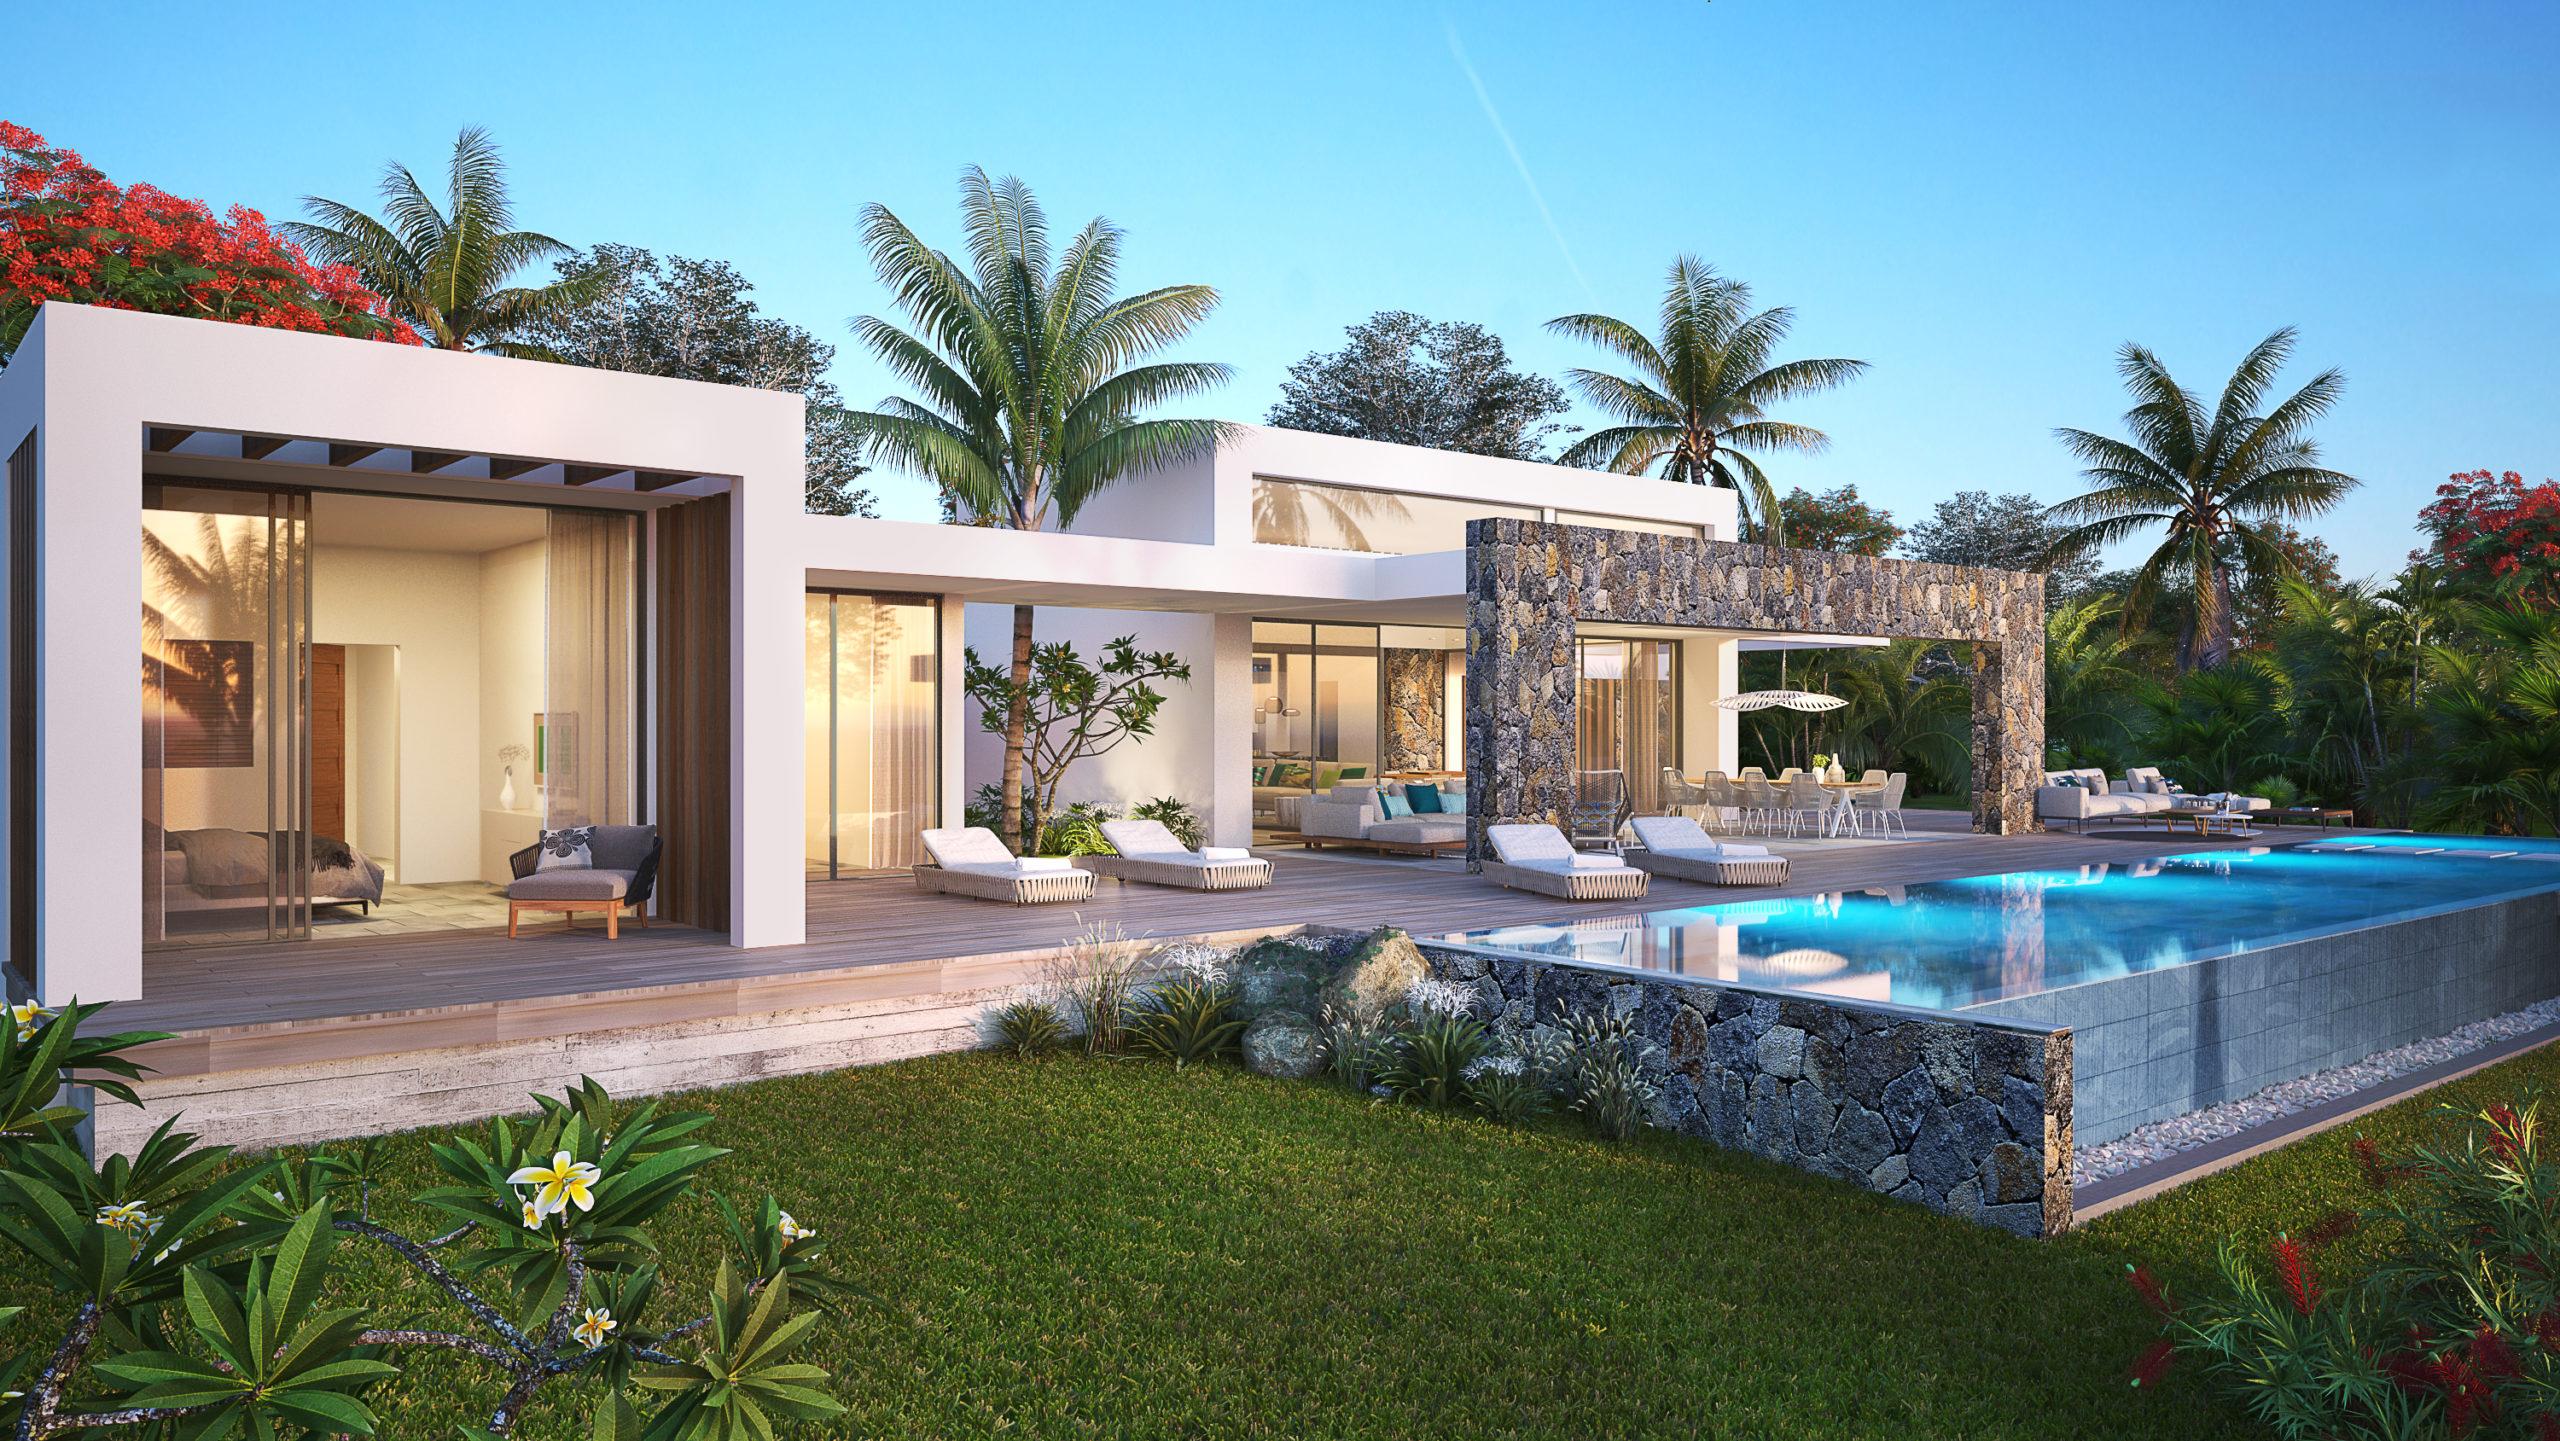 Maison/villa – 3 chambres – 303 m² Beau Champ, Est île Maurice